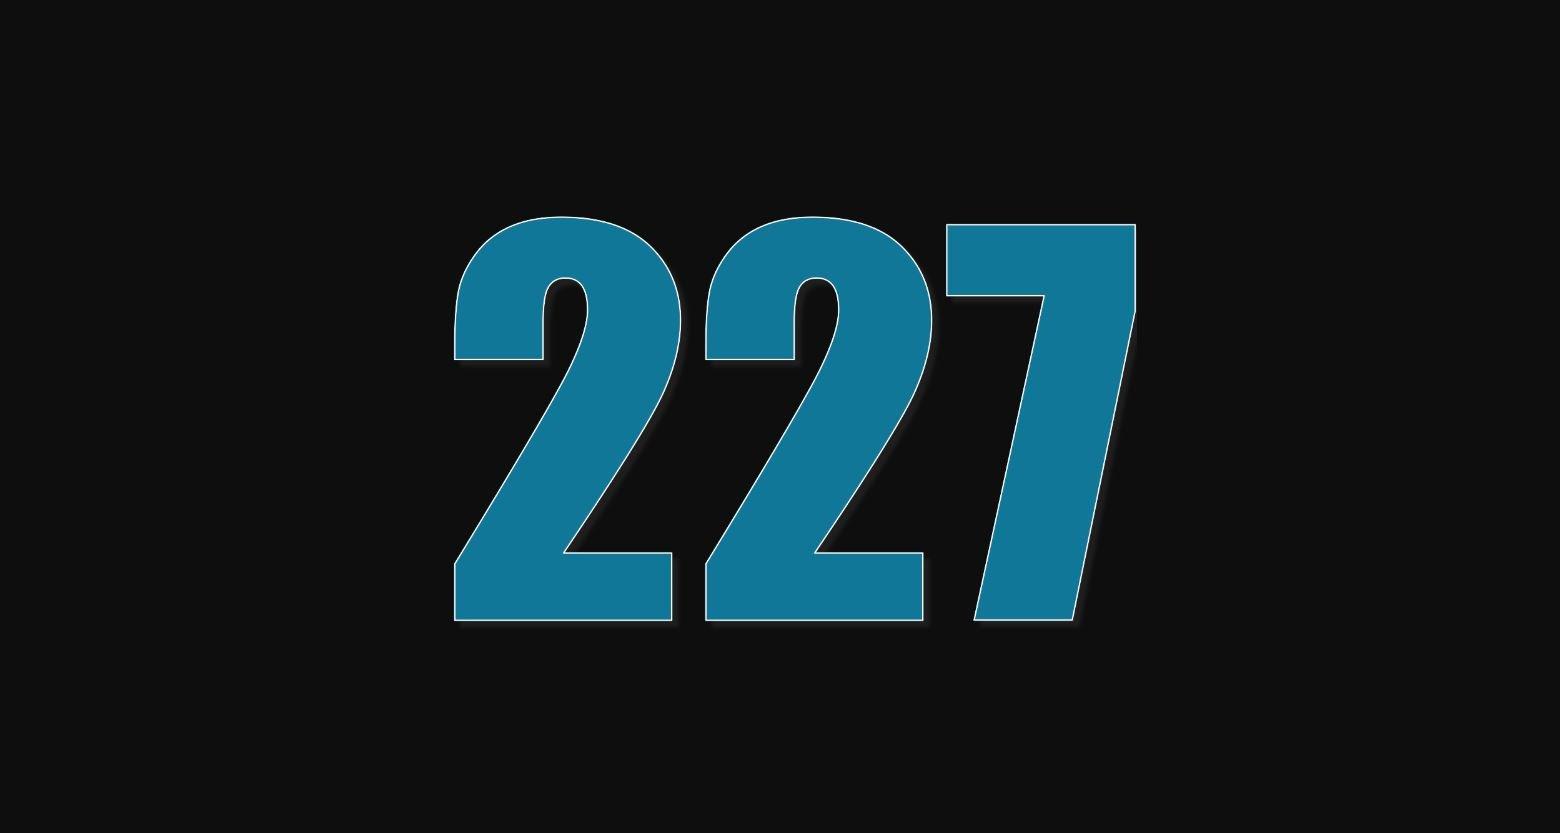 Significado do número 227